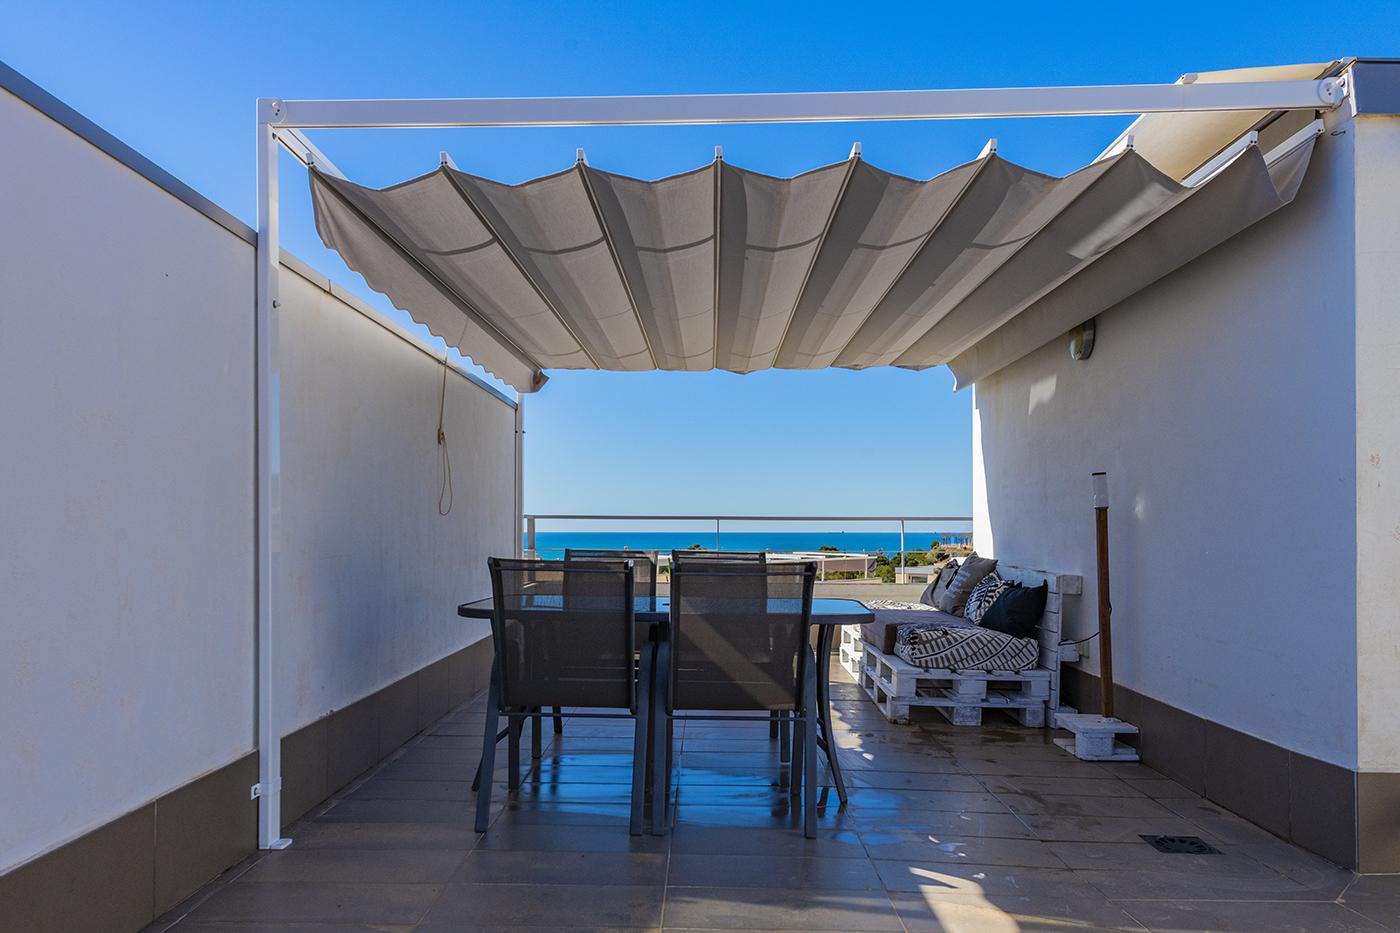 Holiday lettings Flat  Calle el rall, 1. Apartamento con vistas al mar disponible desde octubre a 30 de j